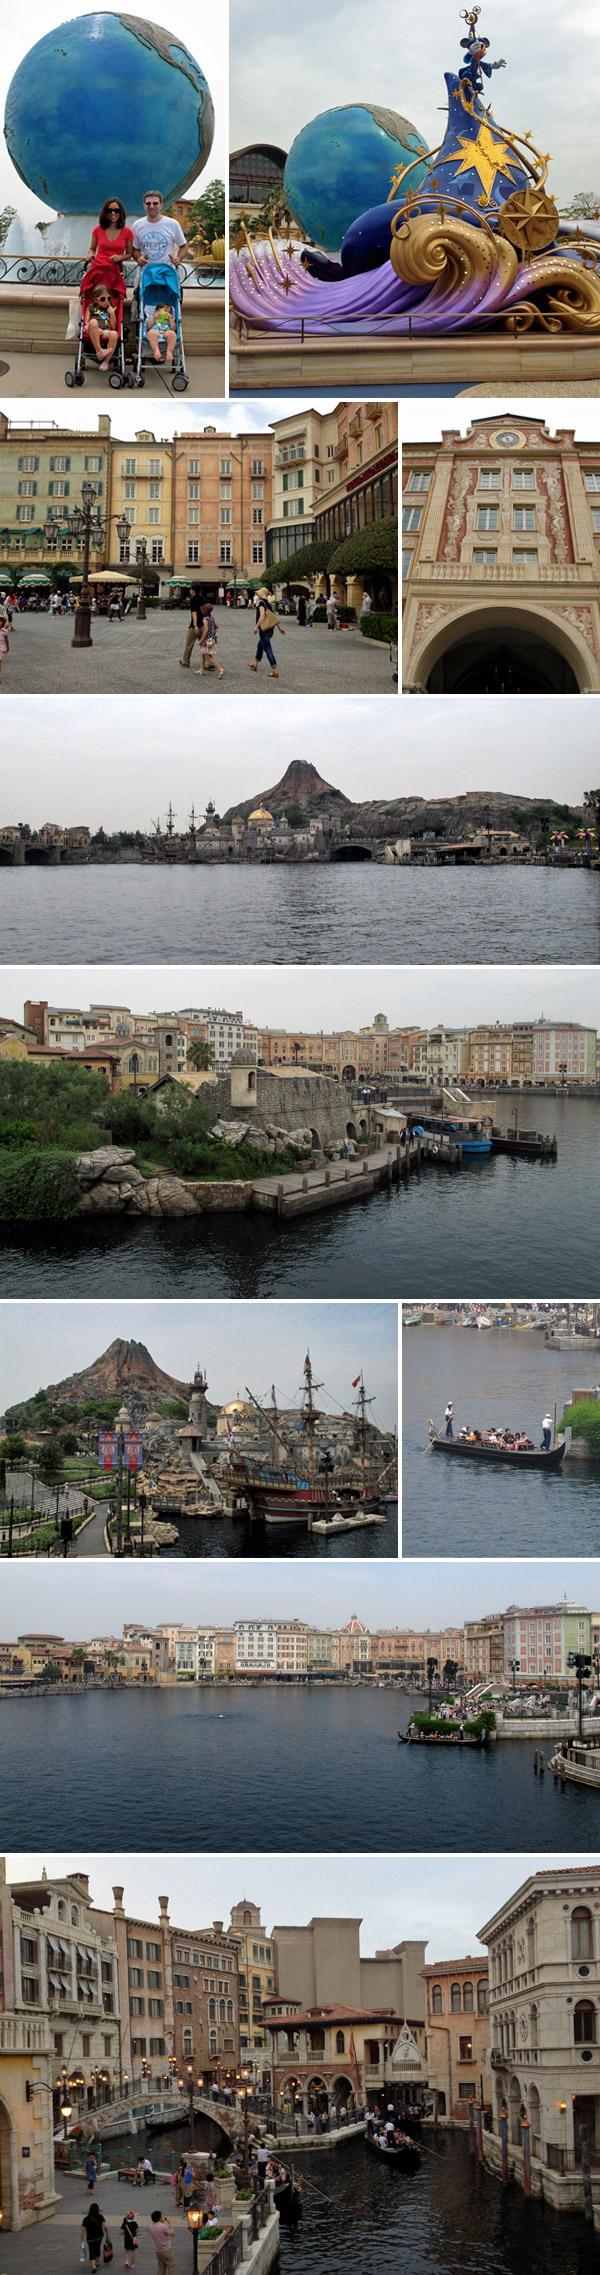 disney sea mediterranean harbor